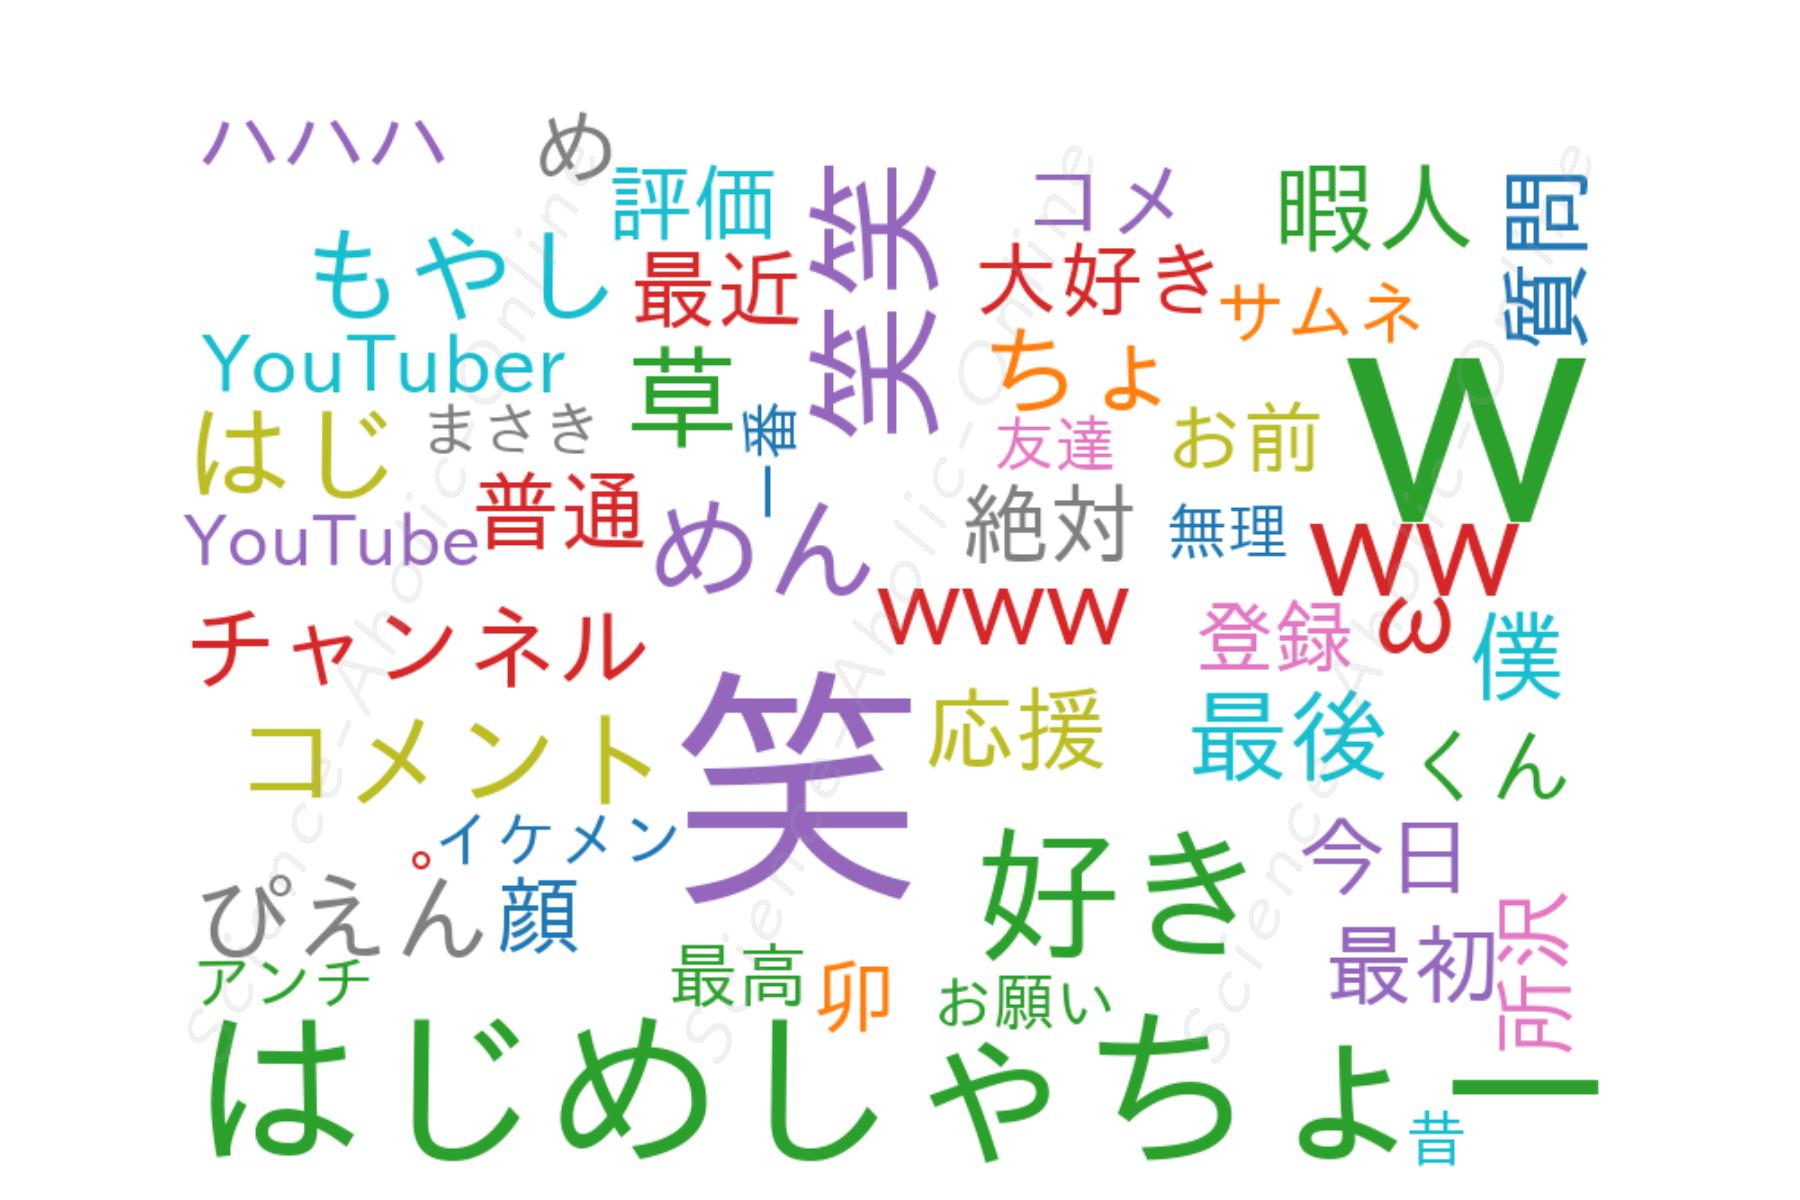 wordcloud_はじめしゃちょー(hajime)